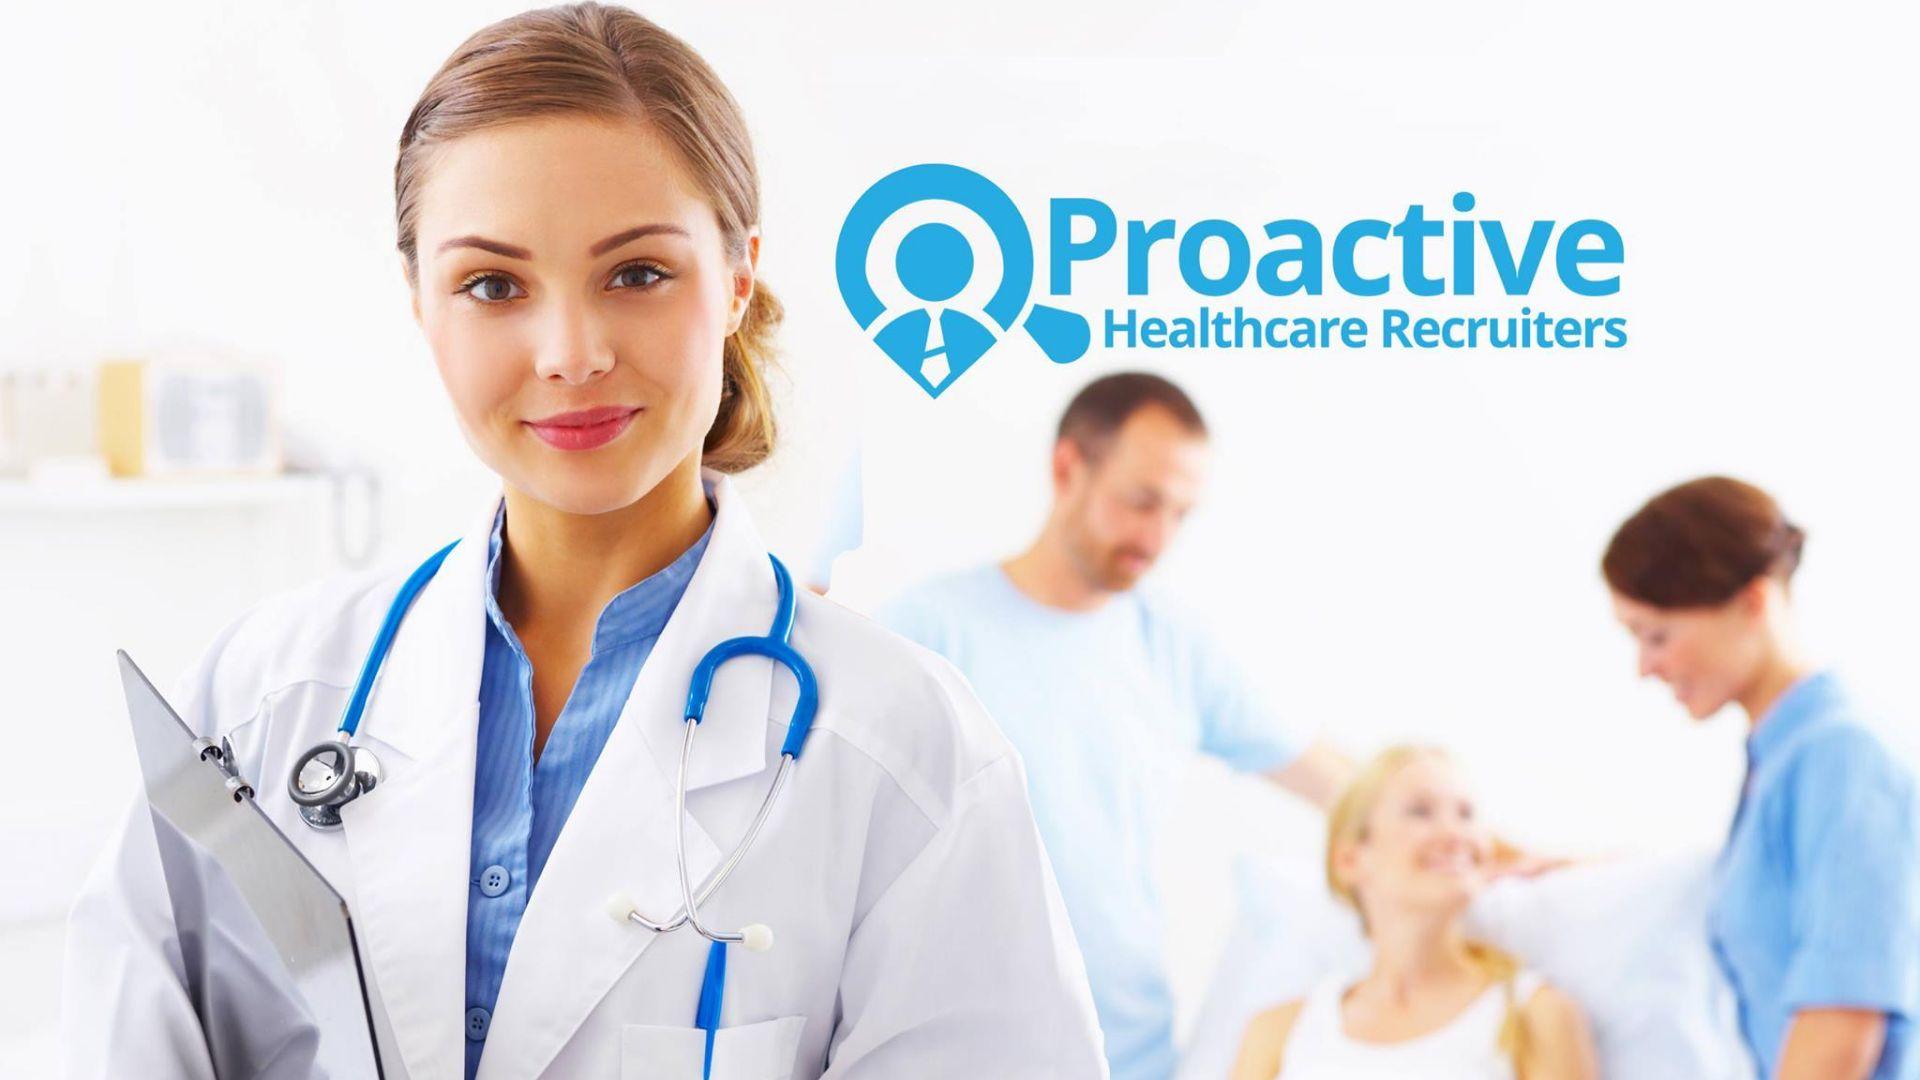 Proactive Healthcare Recruiter Nurse Near Me